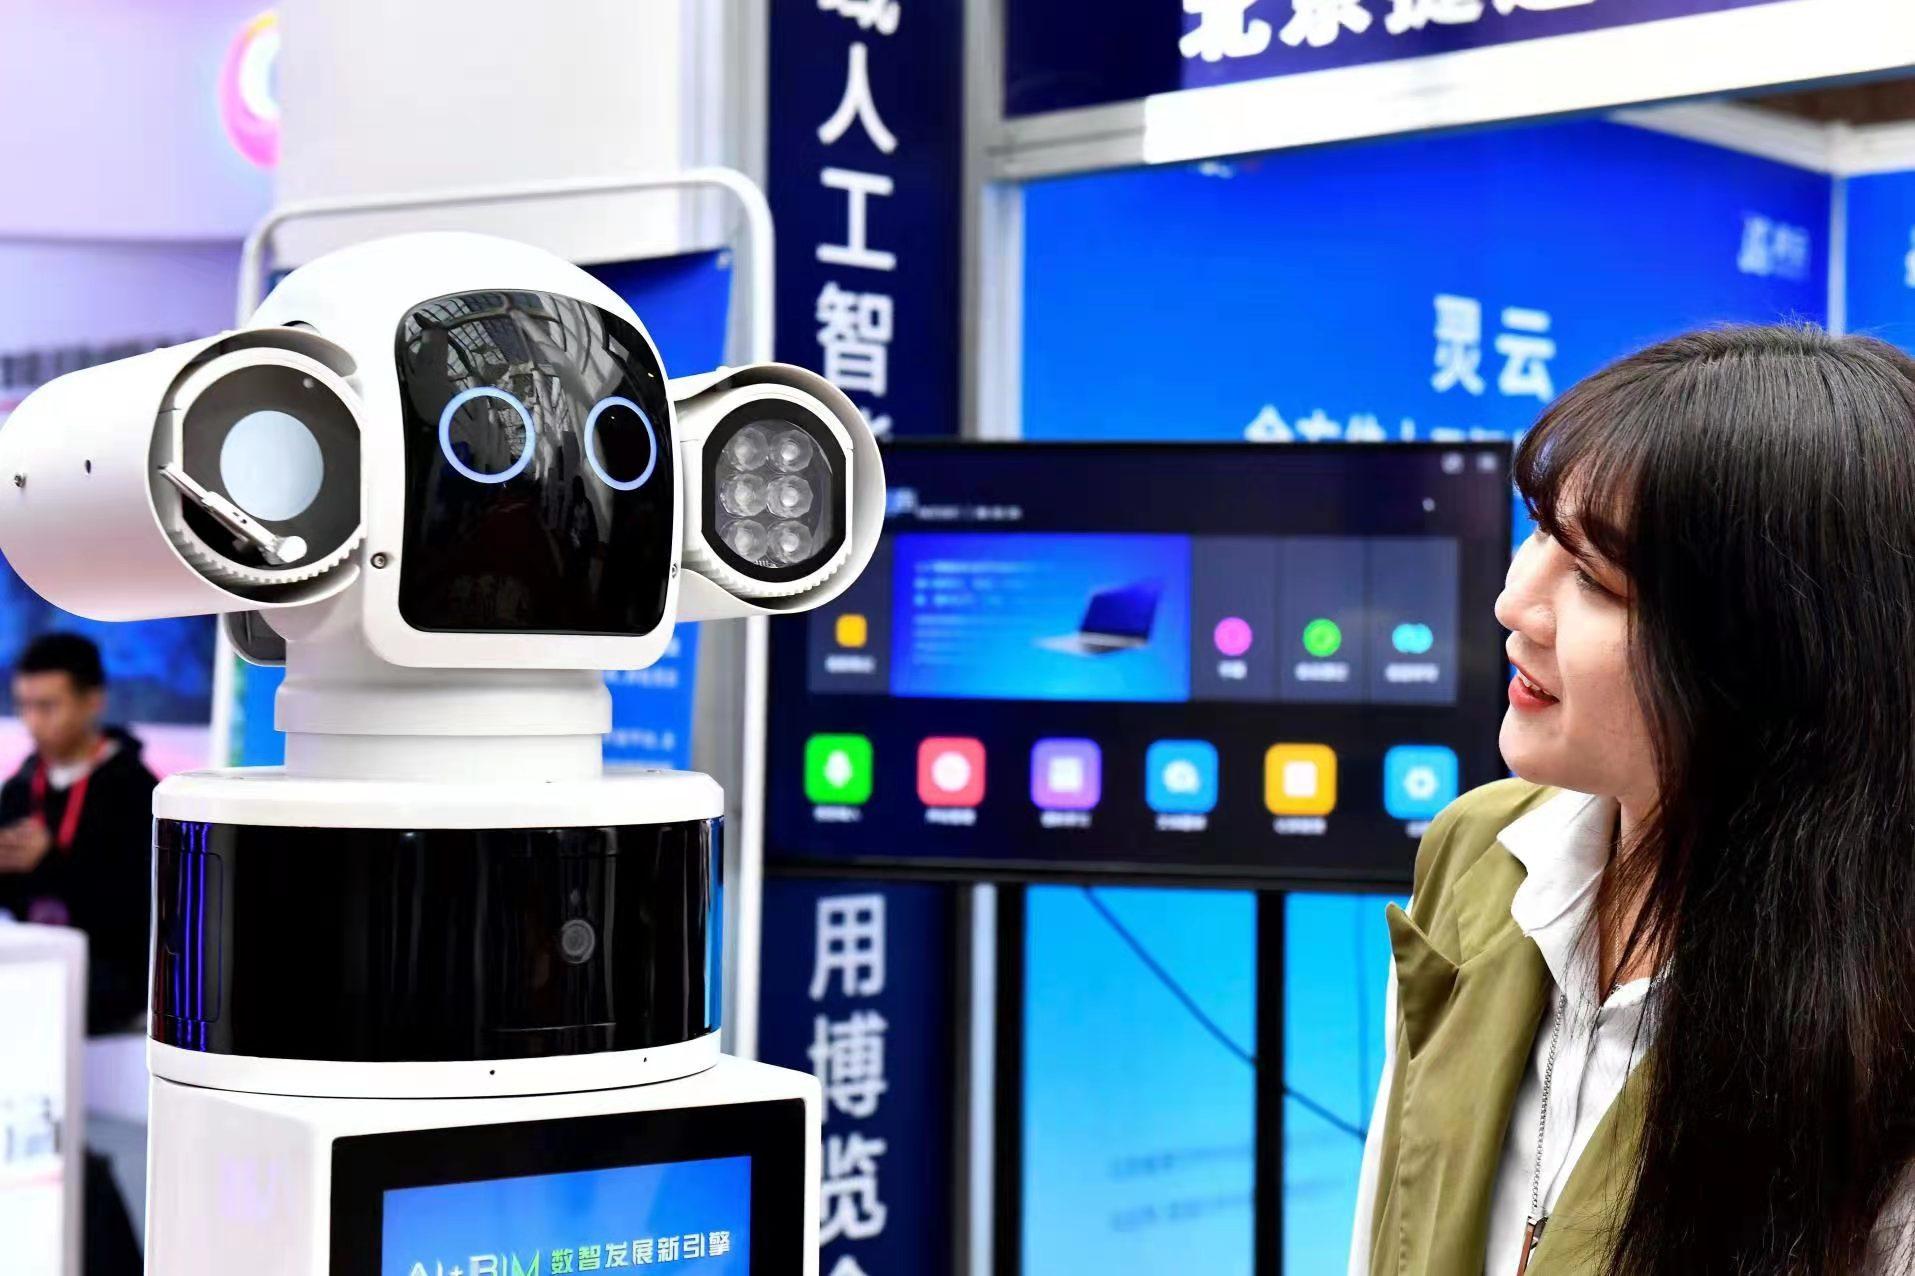 近百家企业齐聚济南 展示人工智能最新成果及应用场景